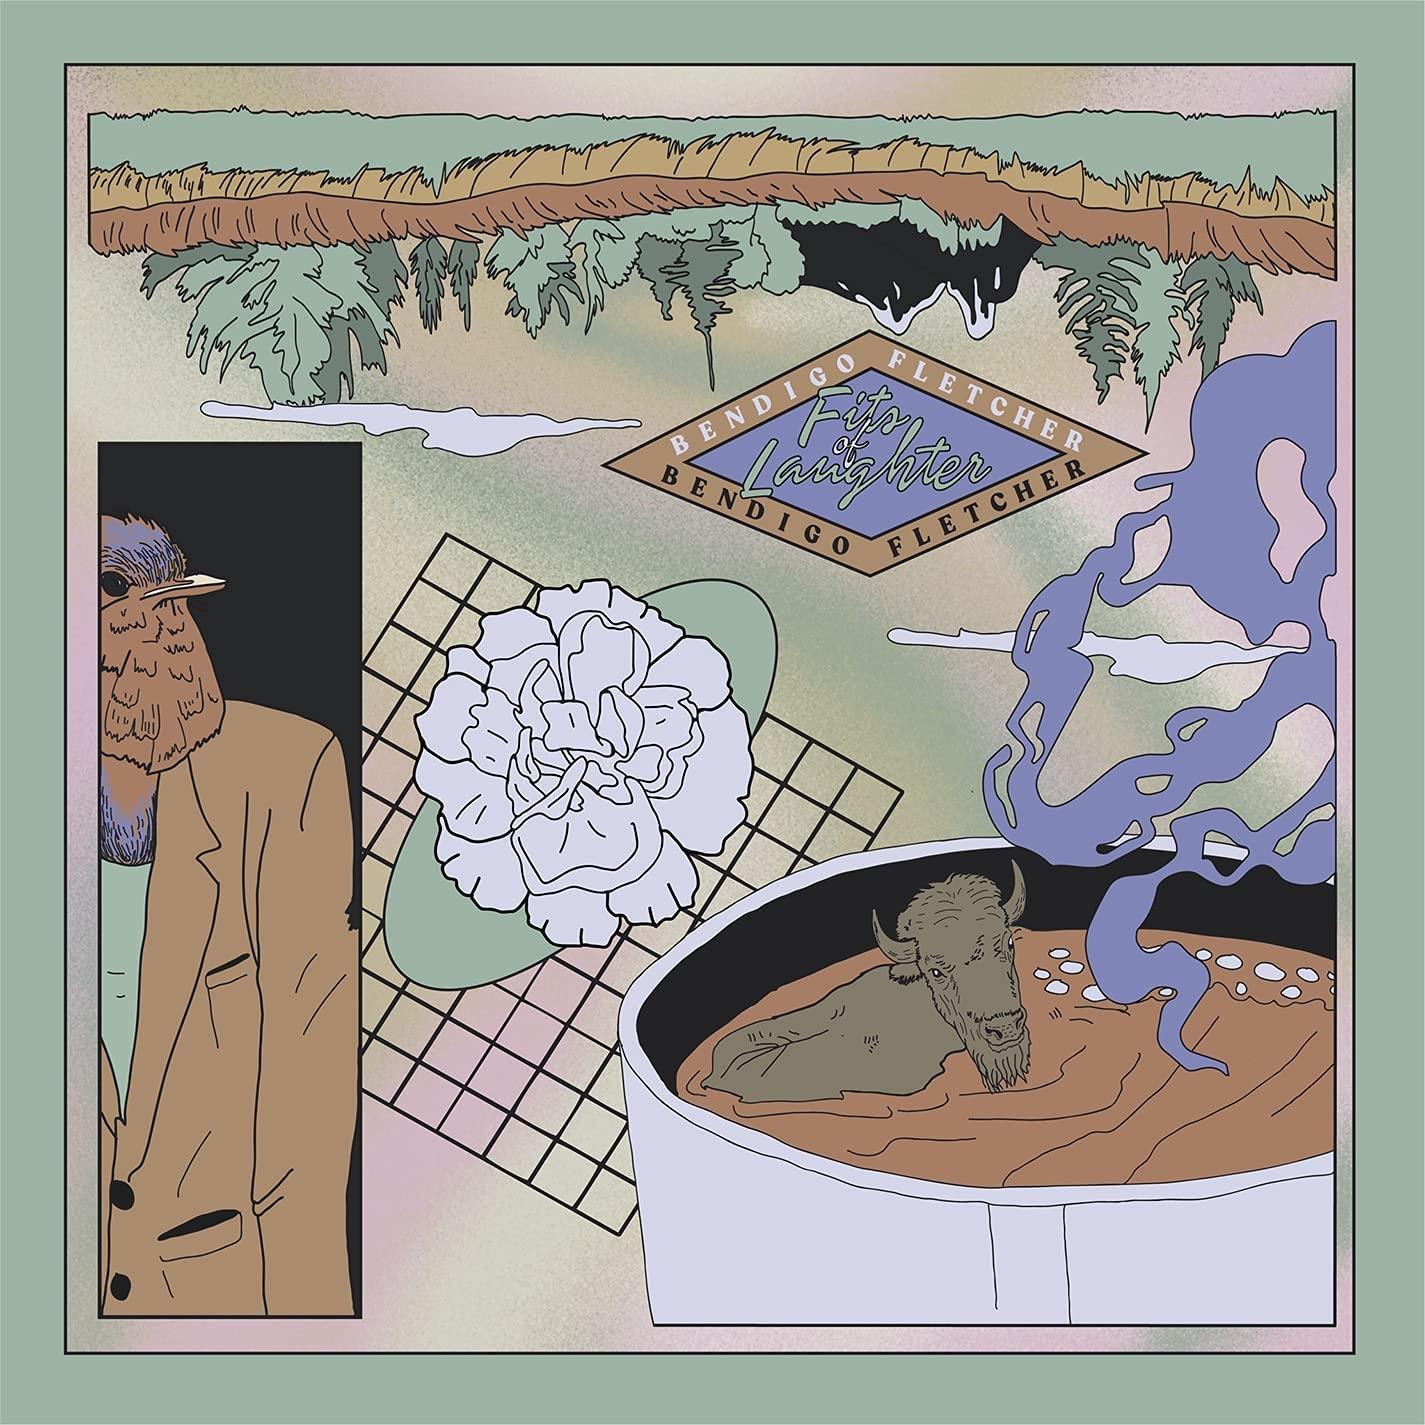 Виниловая пластинка Bendigo Fletcher - Fits Of Laughter (Black Vinyl/Poster)